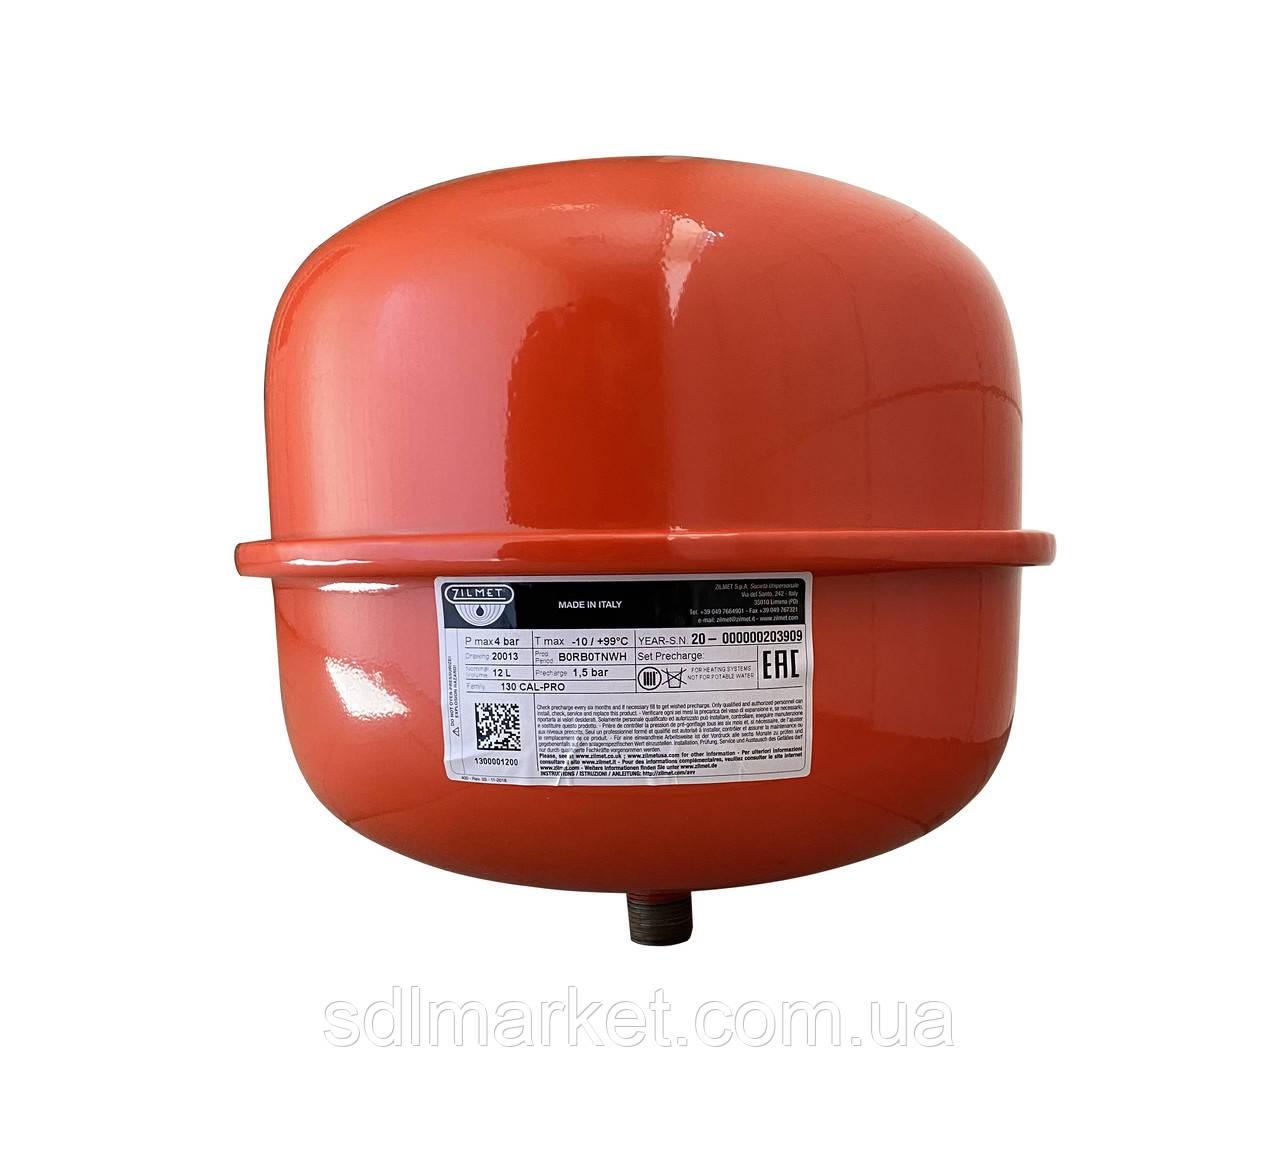 Бак Zilmet cal-pro для систем опалення   12л. 4bar